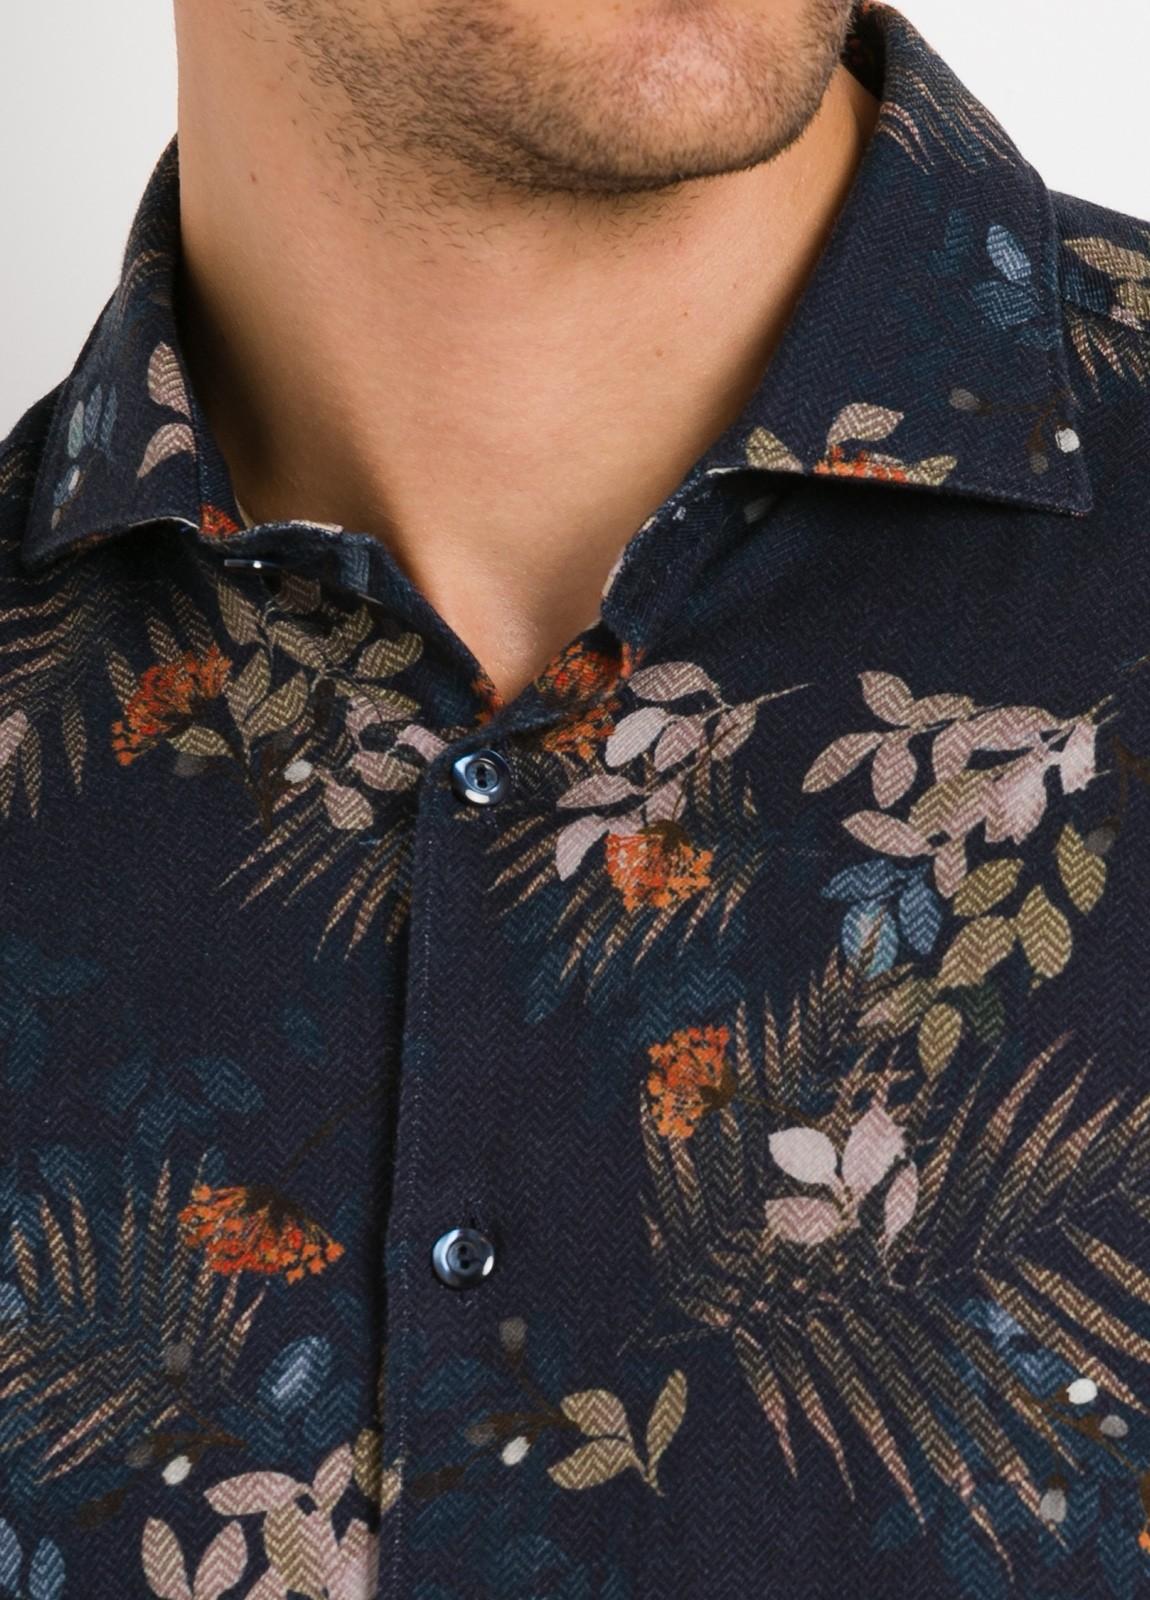 Camisa sport SLIM FIT con estampado floral, fondo color azul noche. 100% Algodón. - Ítem2